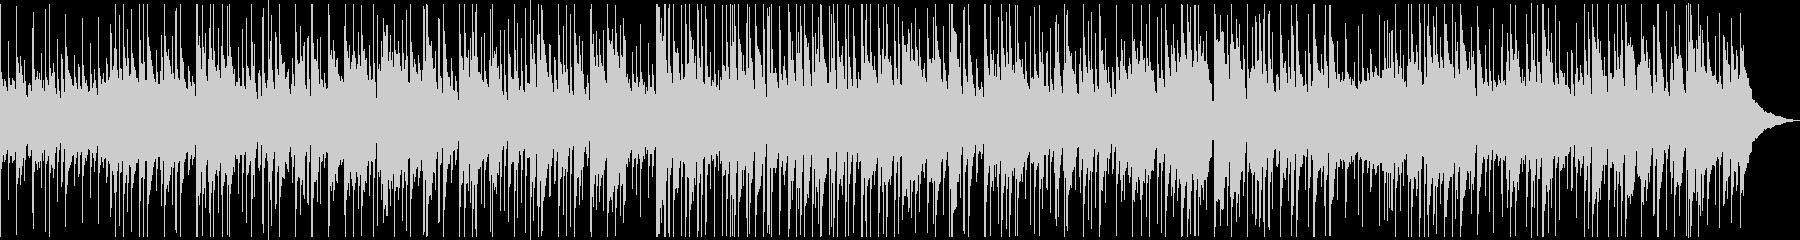 ゆったりしたピアノのジャズバラードの未再生の波形